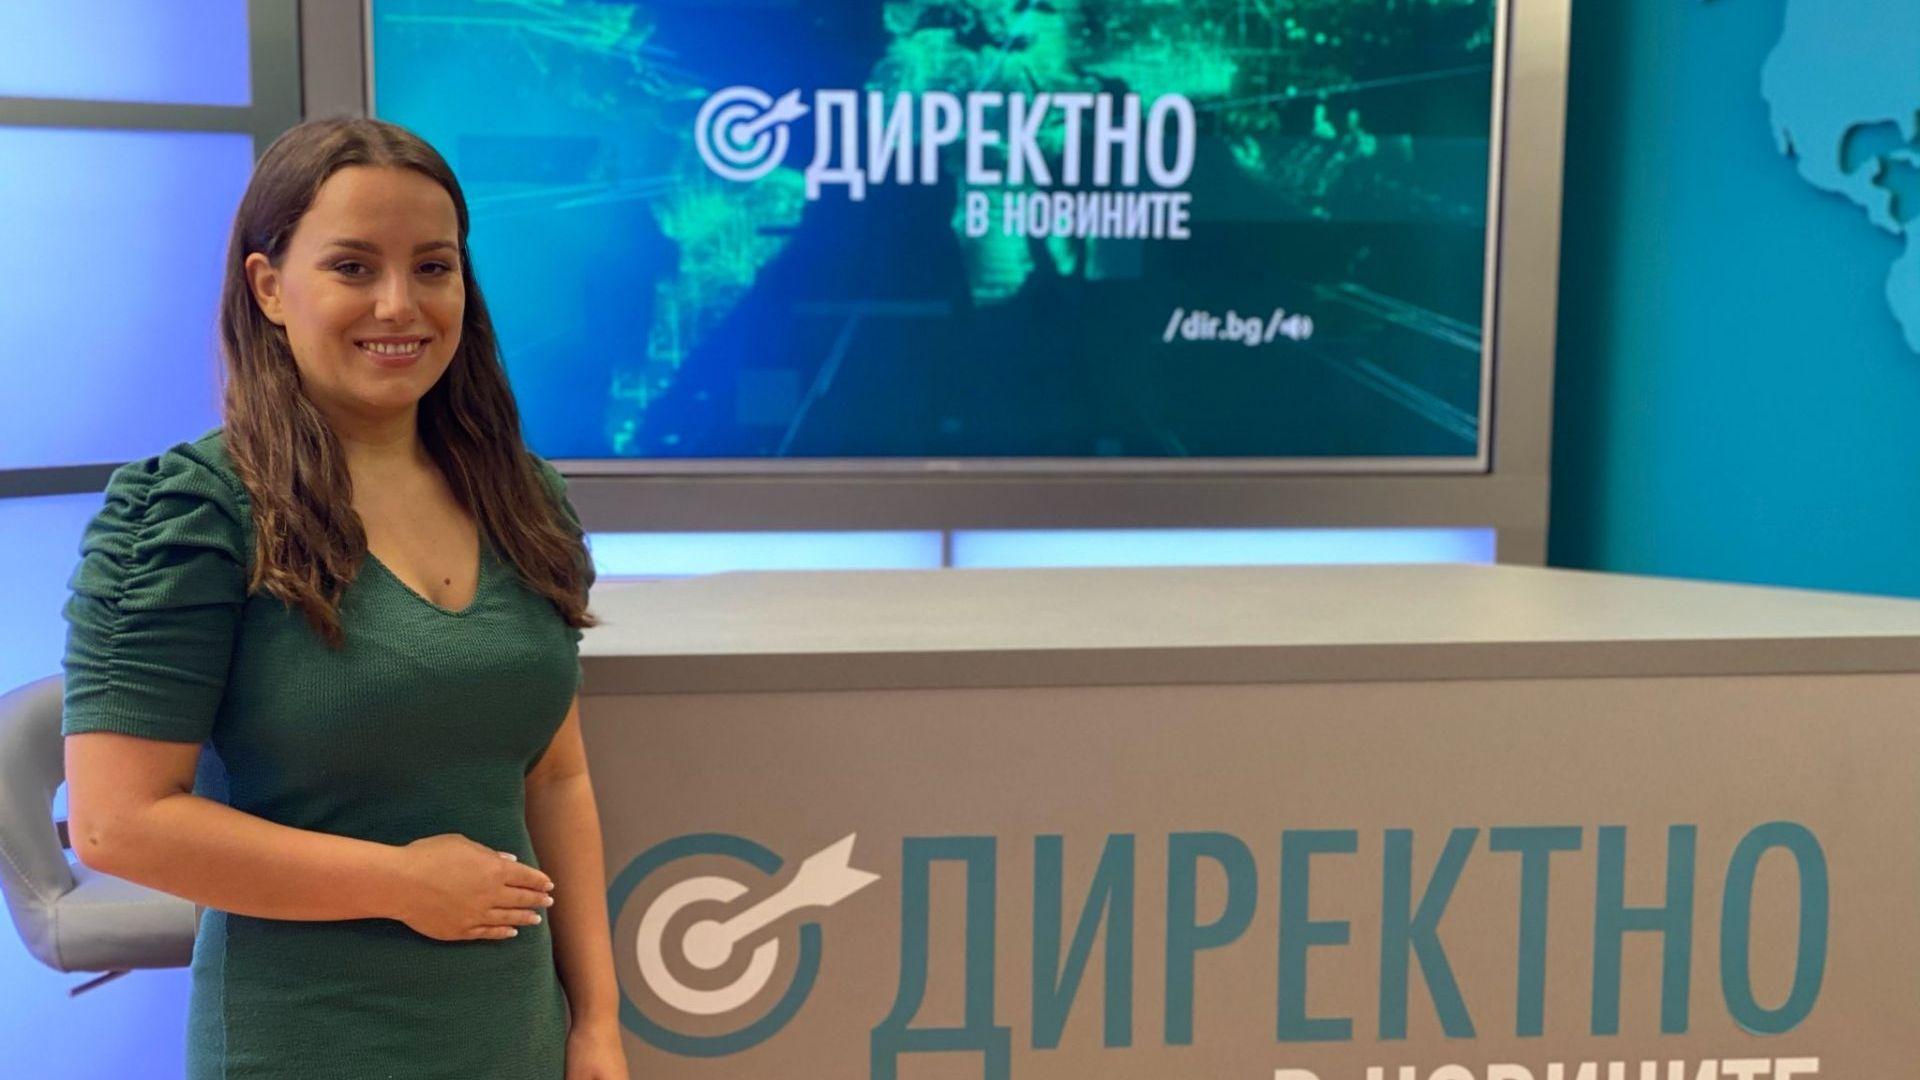 Грешката на Трифонов е, че наложи, а не предложи кабинет